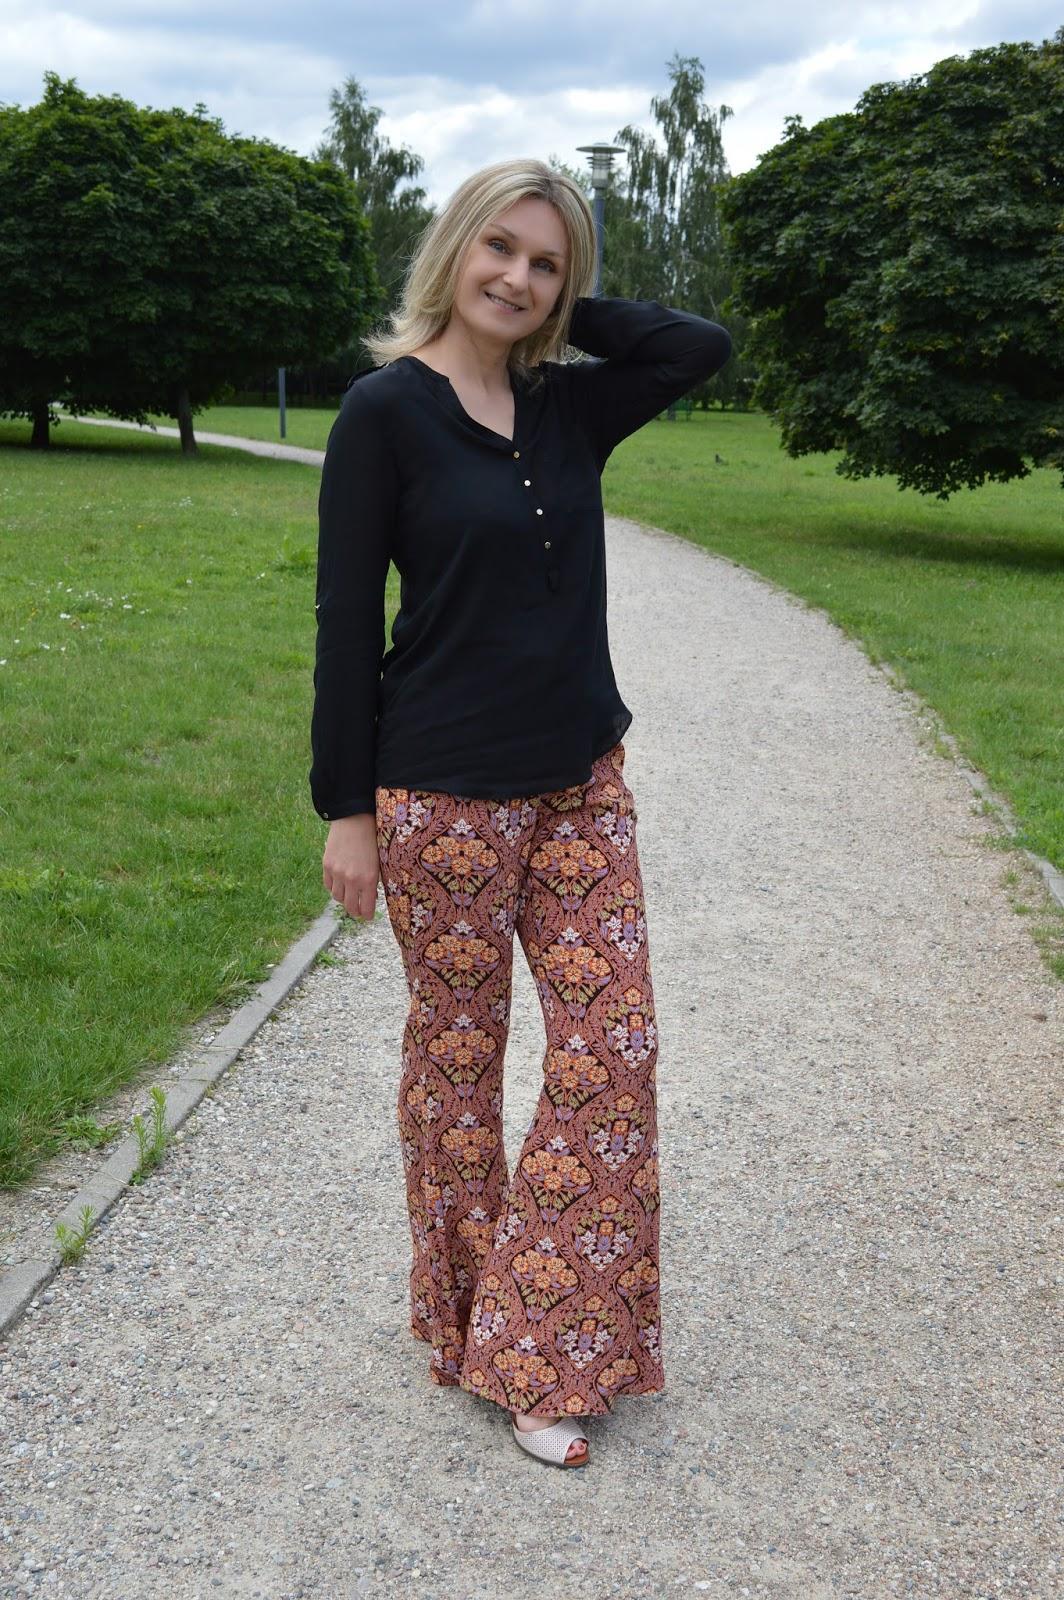 b2b228d59a21 Moda Moda Kobietą Dzwony Dzwony Kobietą Jest Jest Spodnie Jest Spodnie  Spodnie Moda Kobietą 4g4aq